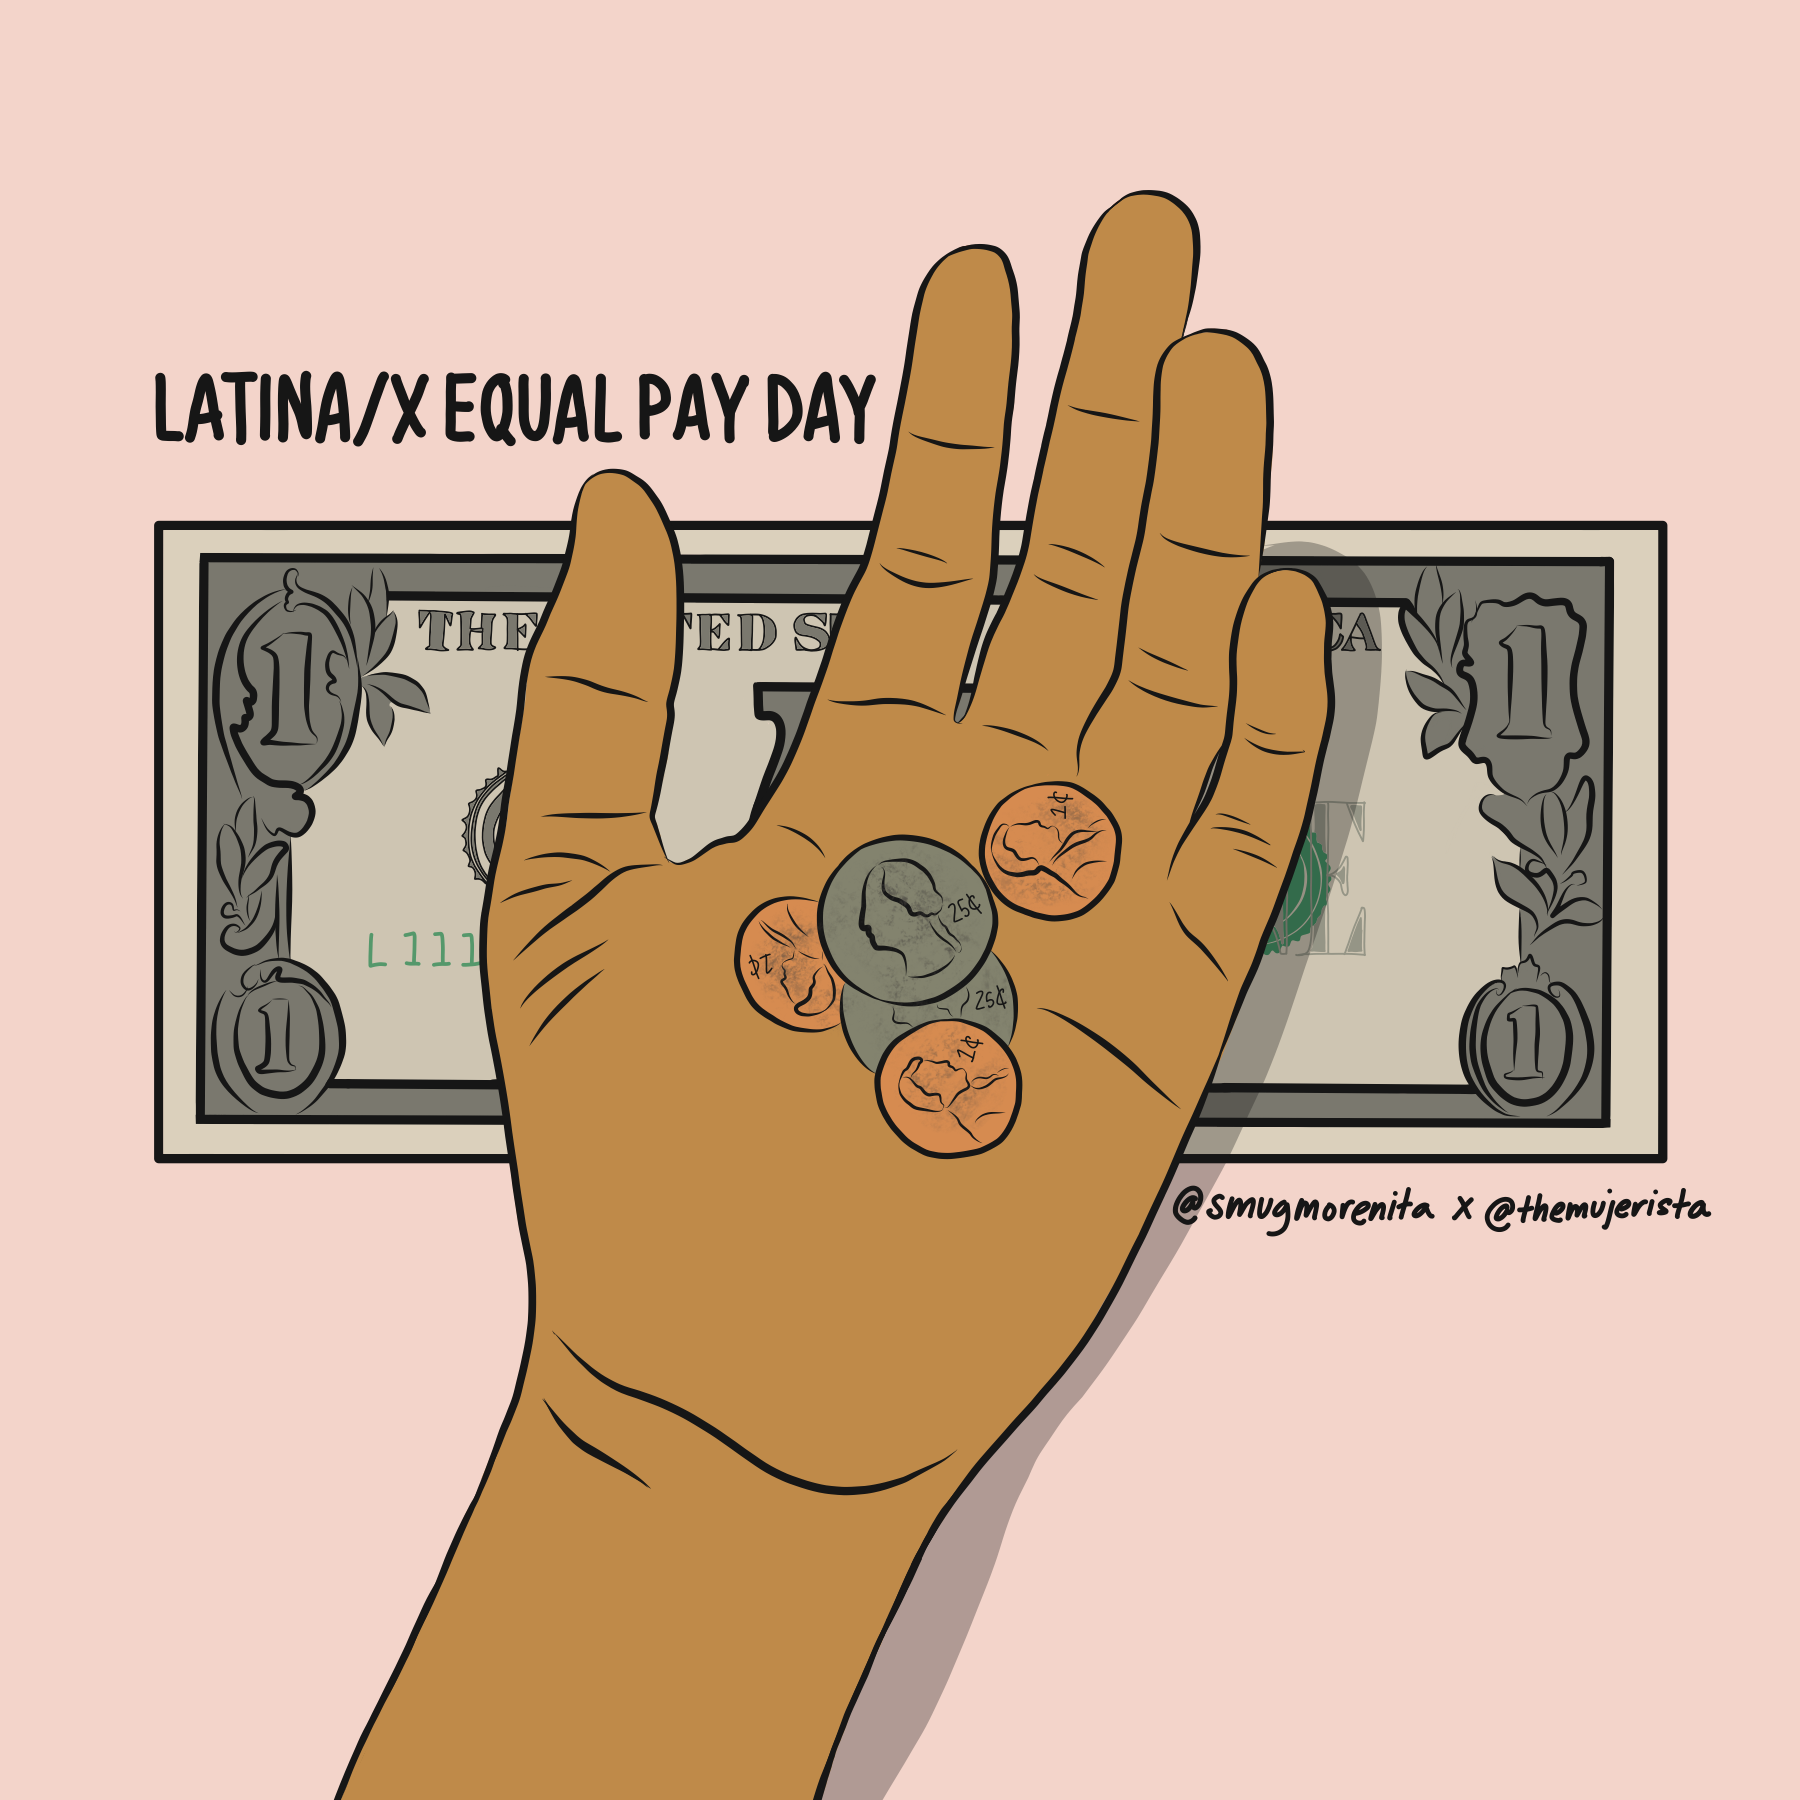 LATINA/X EQUAL PAY DAY